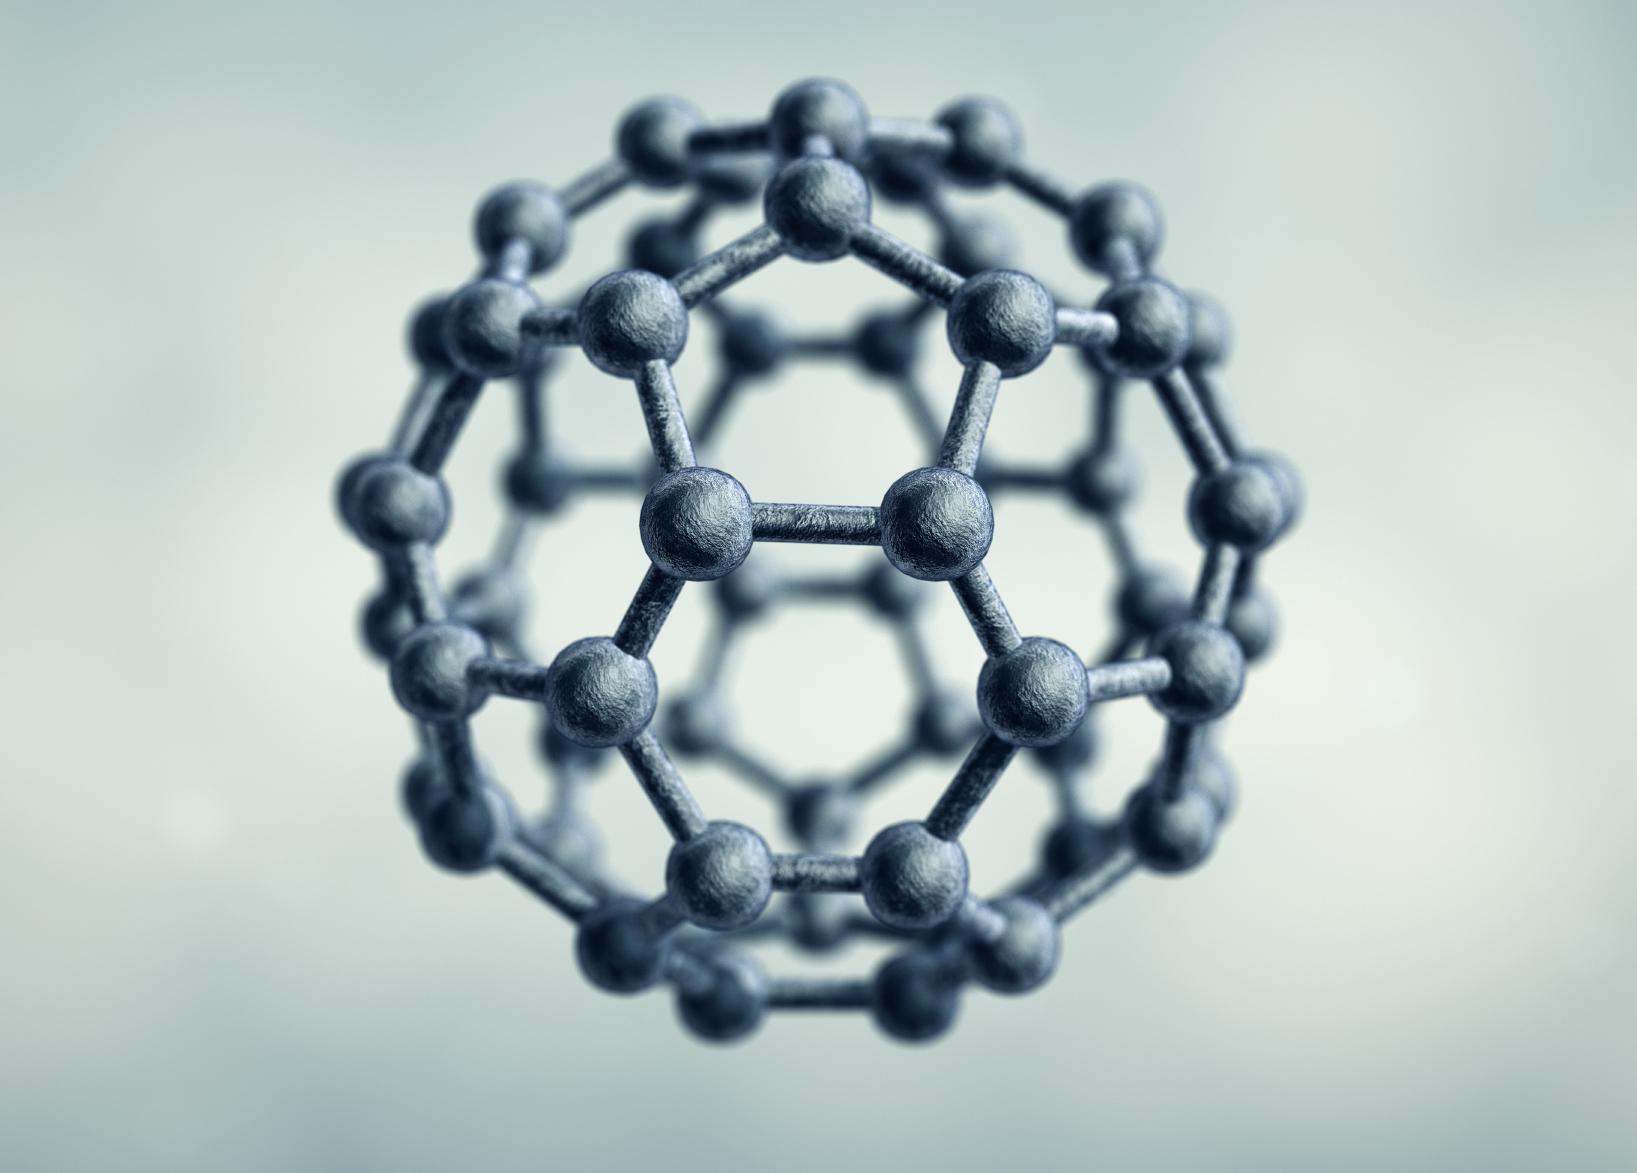 有効な成分をナノカプセルなどを用いて皮膚の深部へと送り届ける